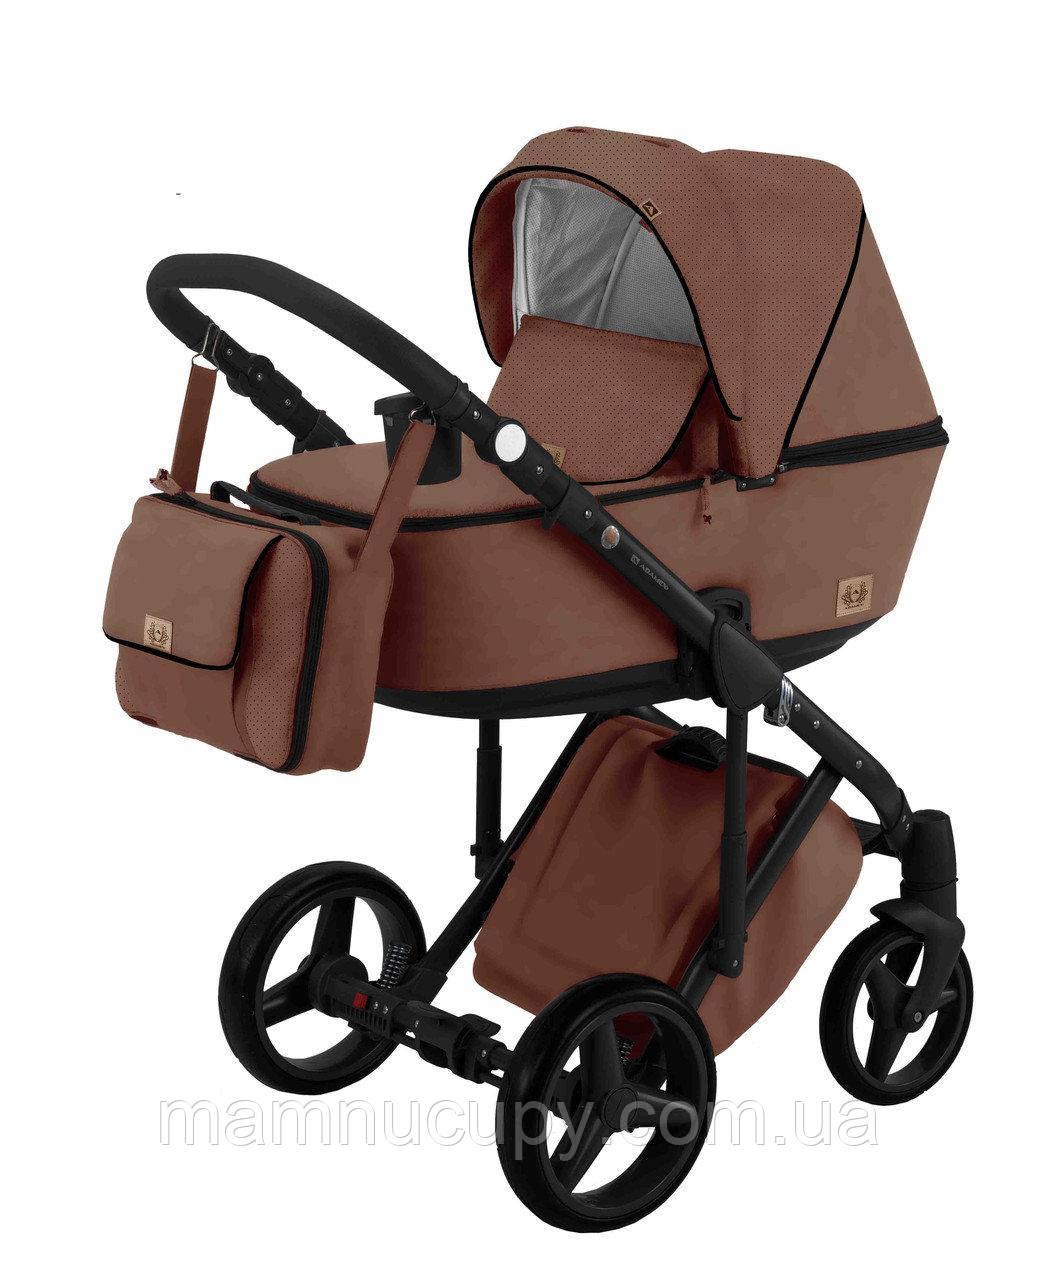 Детская универсальная коляска 2 в 1 Adamex Riccio кожа Y210 (адамекс ричио)